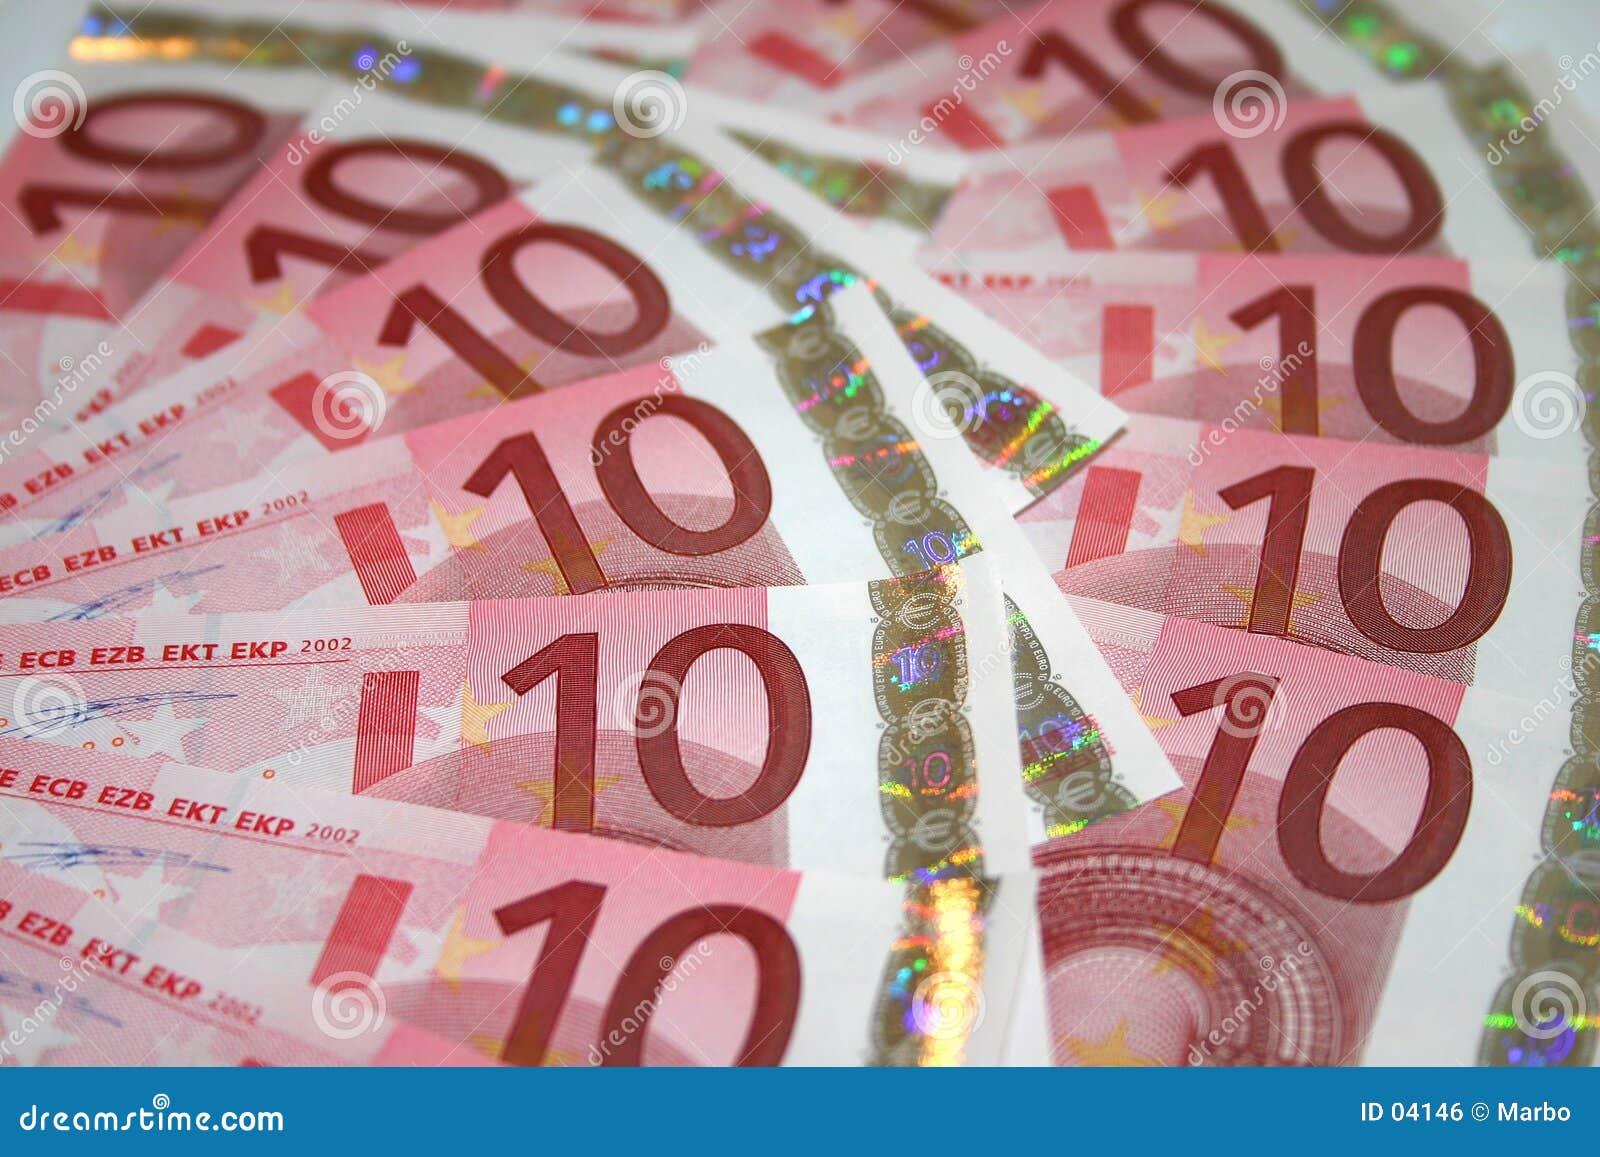 Euro 10 contas